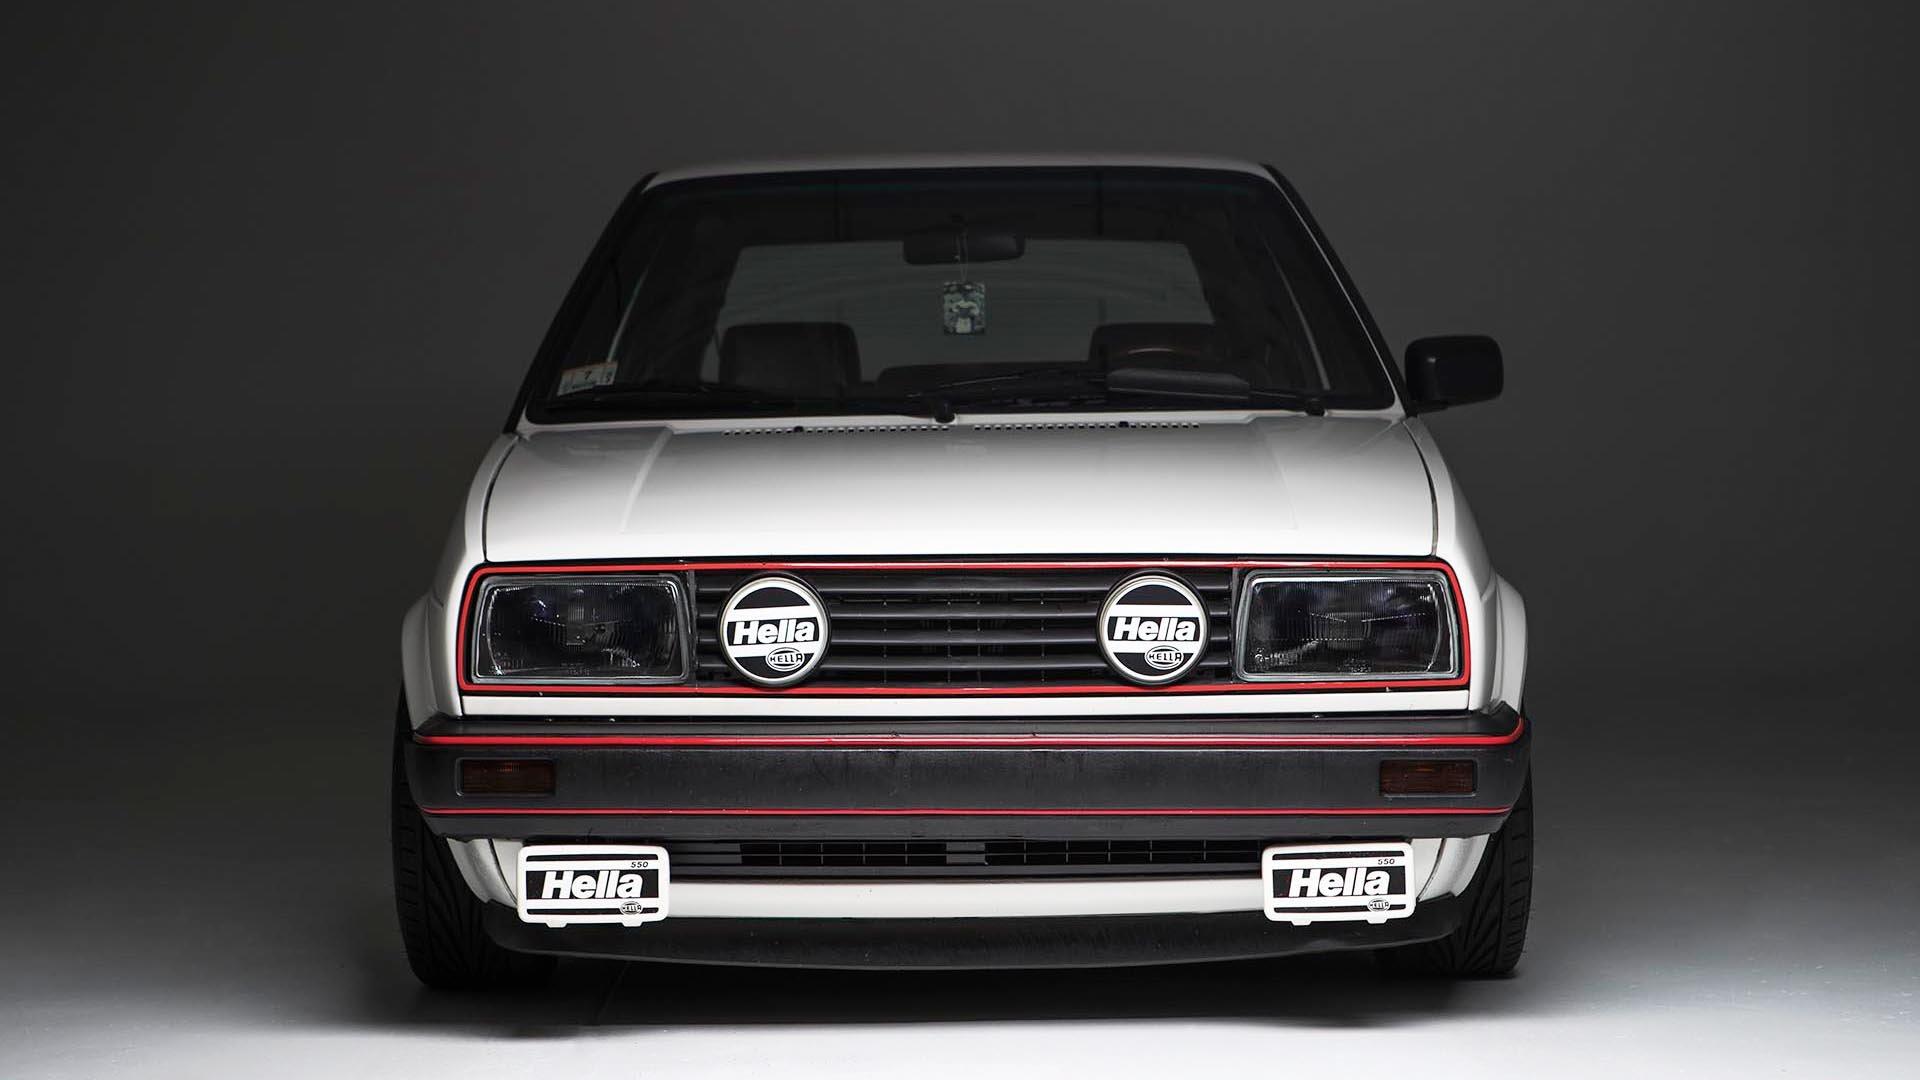 Home Brew Mk2 - 1989 Alpine White Mk2 Volkswagen Golf